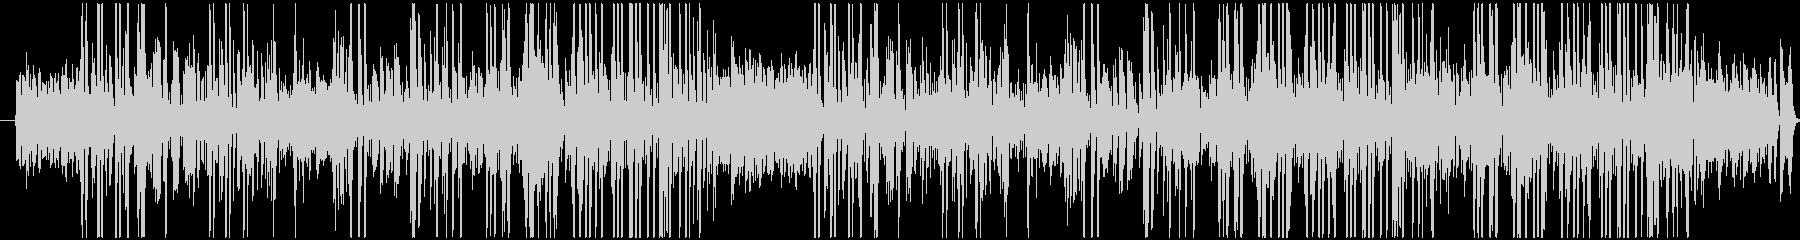 トランペットの音が印象的な愉快な曲調の未再生の波形